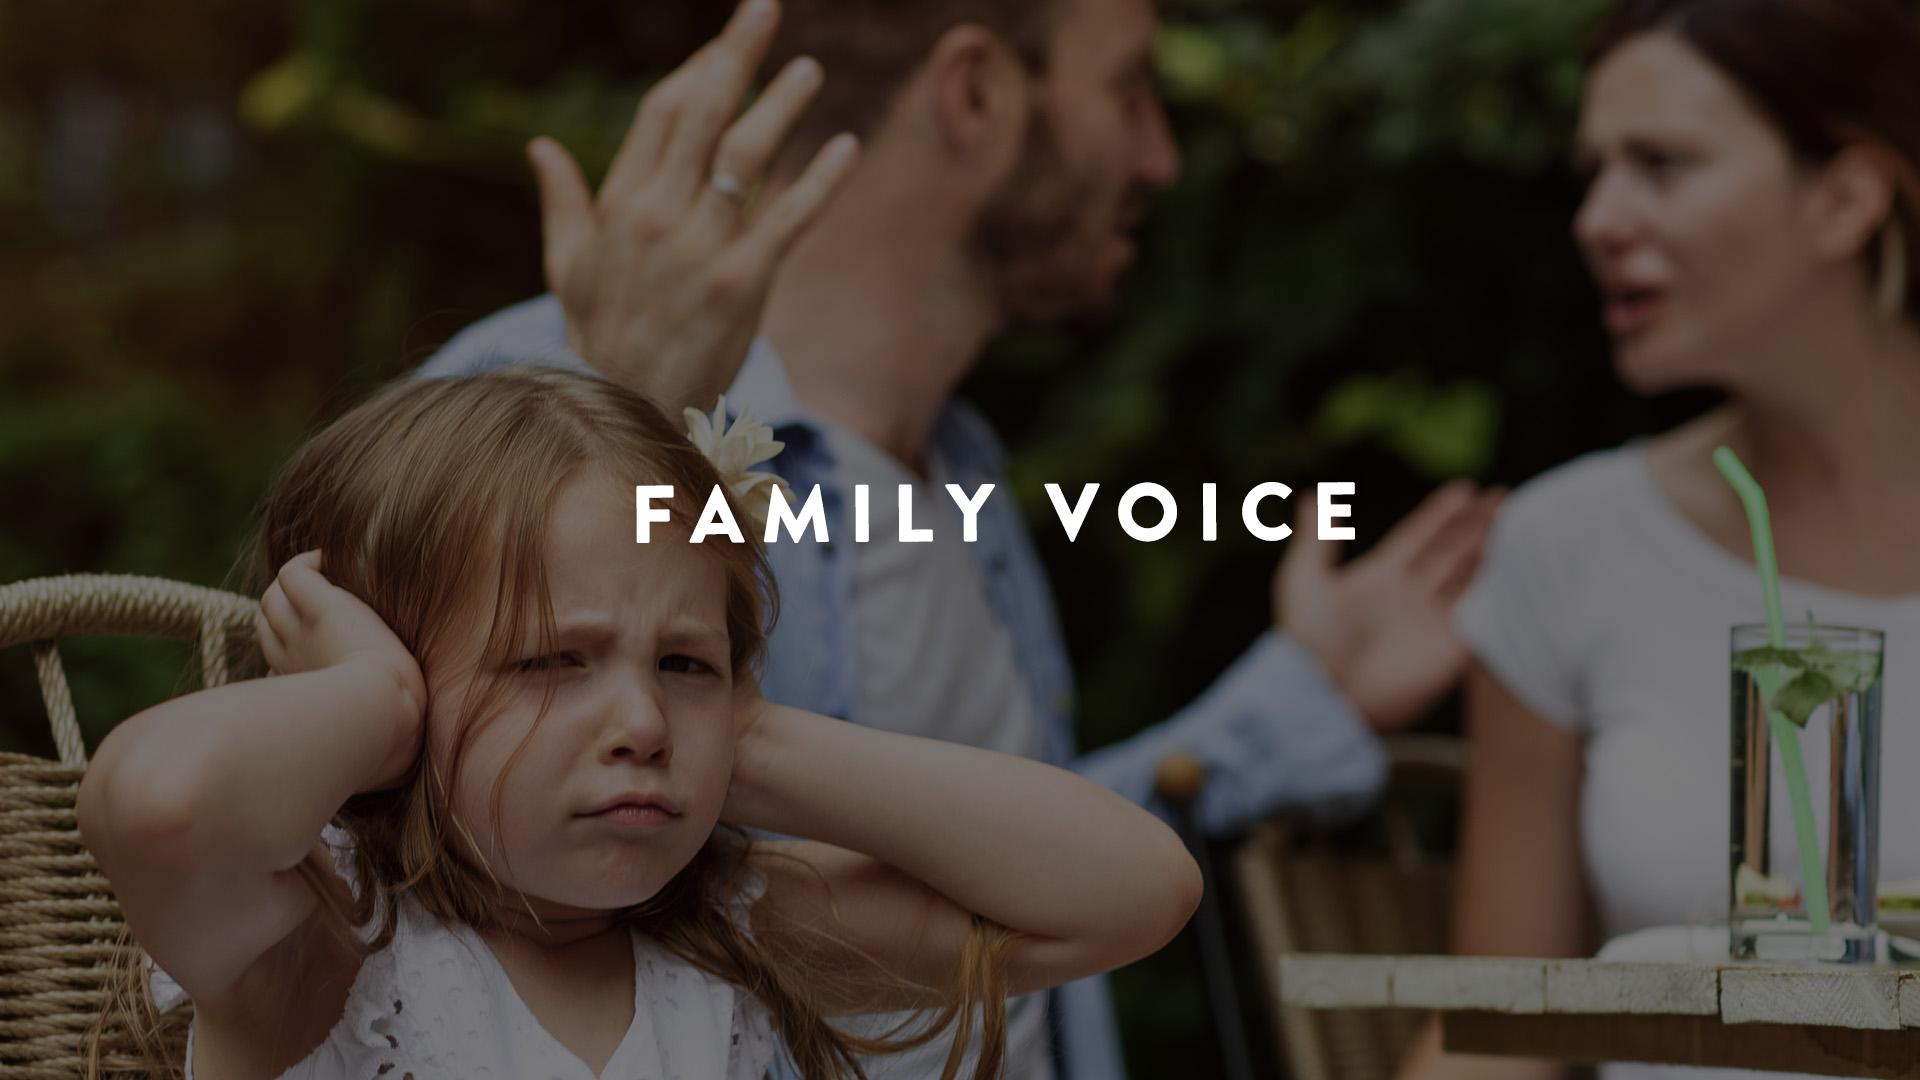 Family Voice